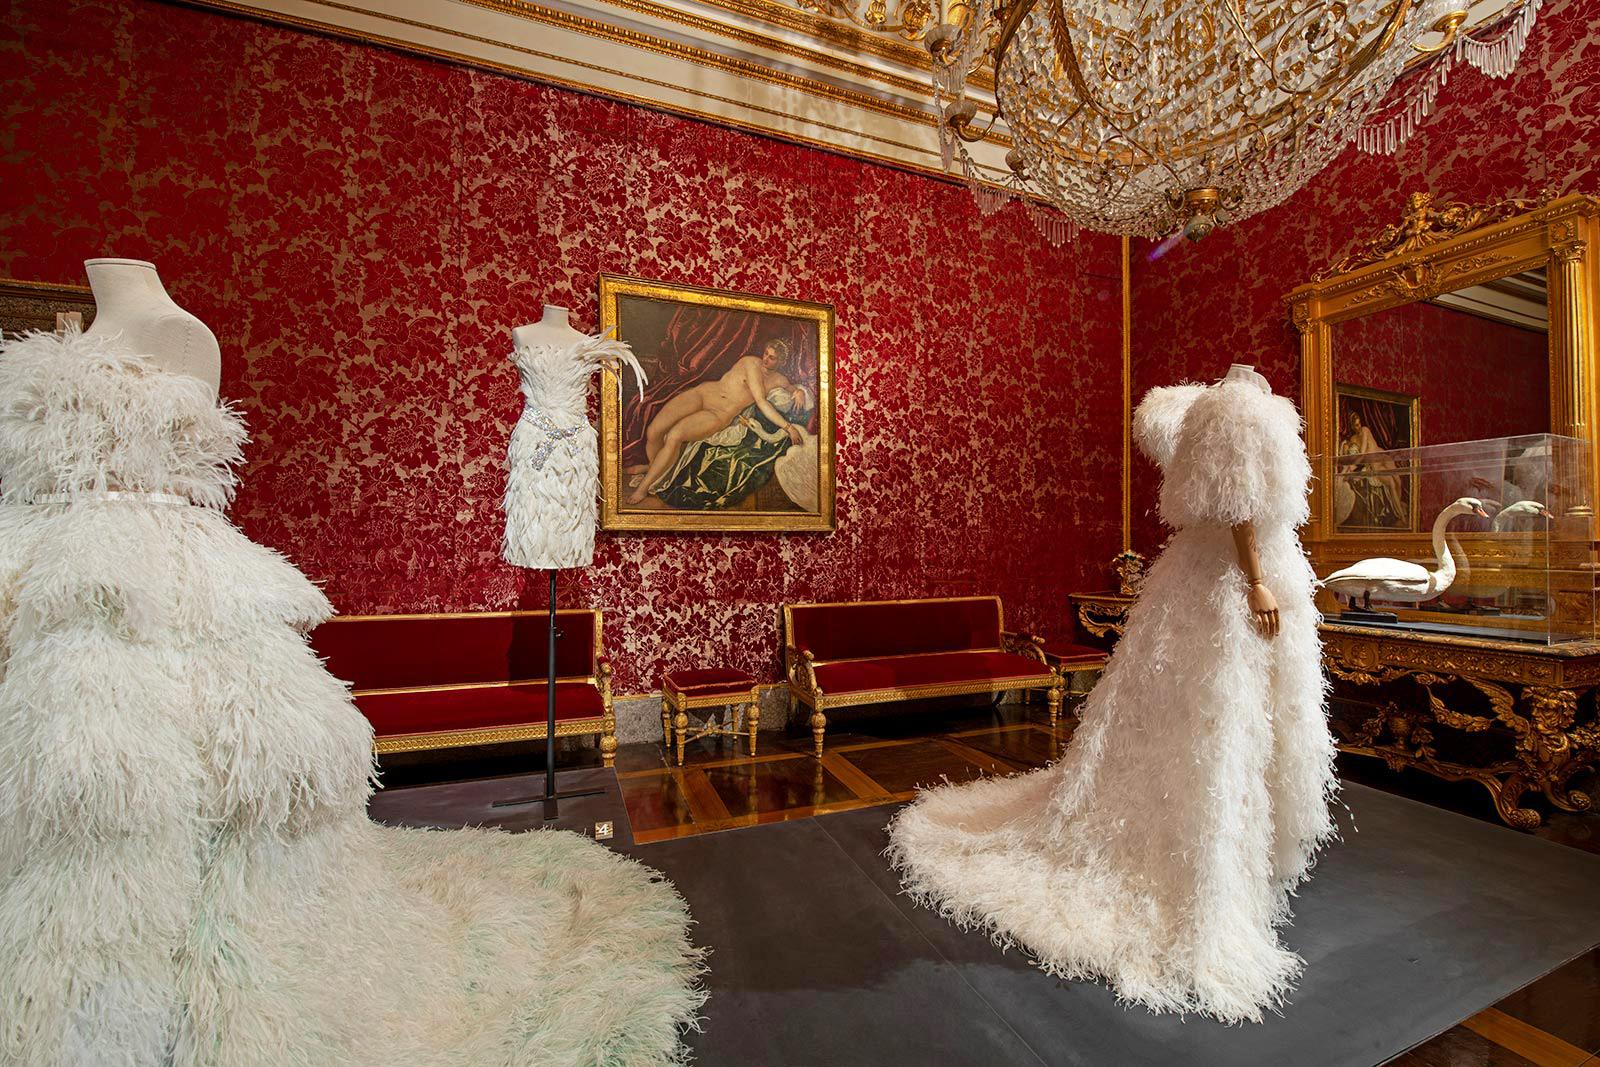 Animalia Fashion Palazzo Pitti Firenze-Antonio Quattrone